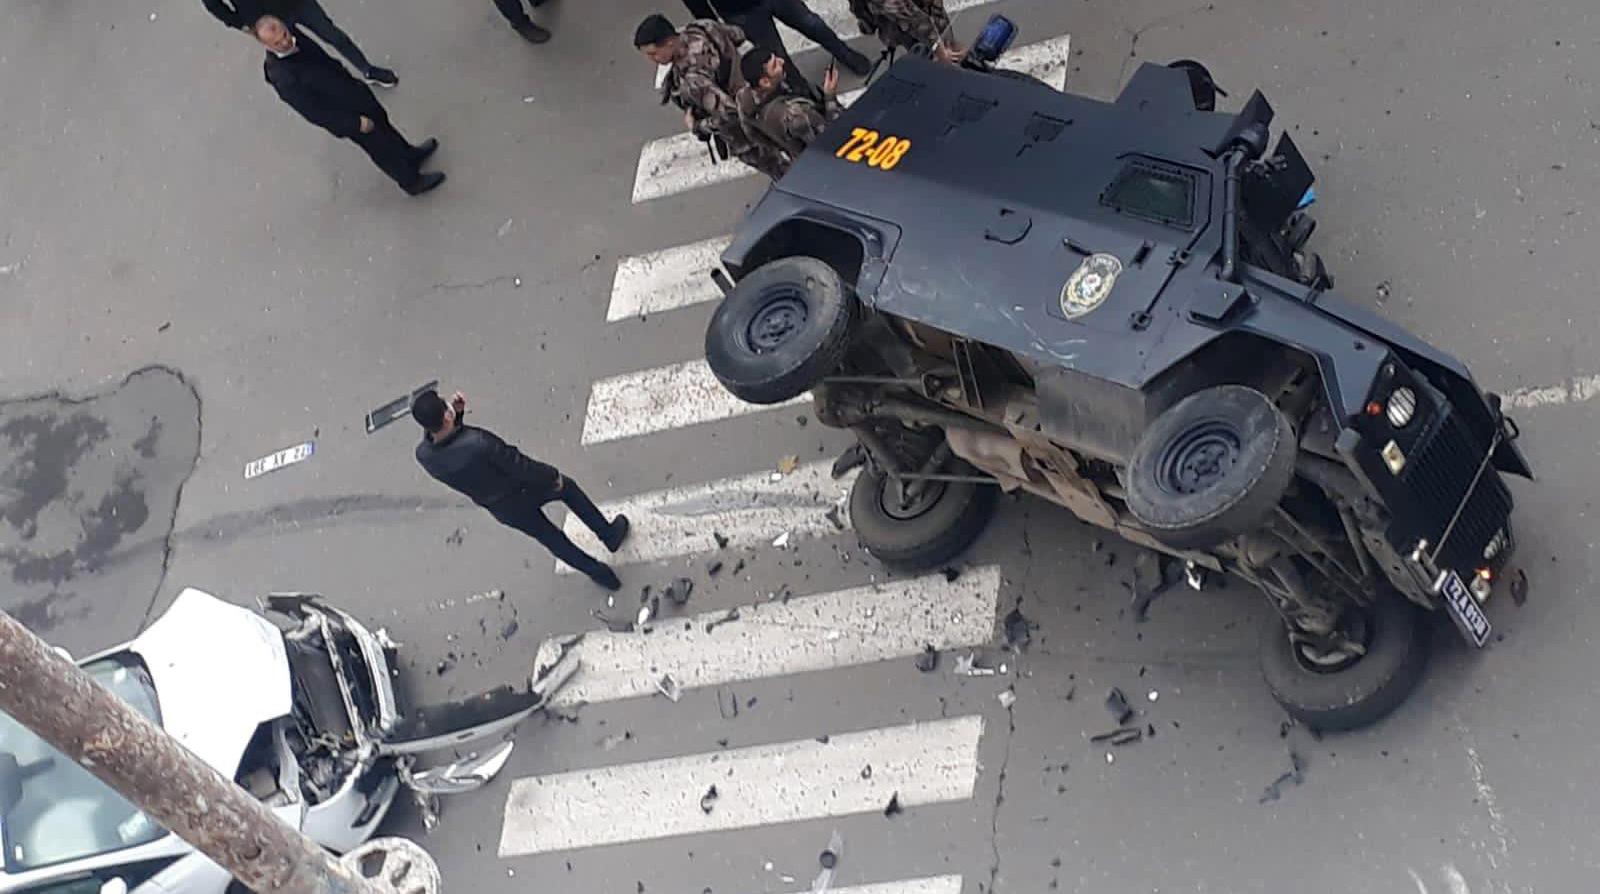 Batman'da otomobil zırhlı araç ile çarpıştı